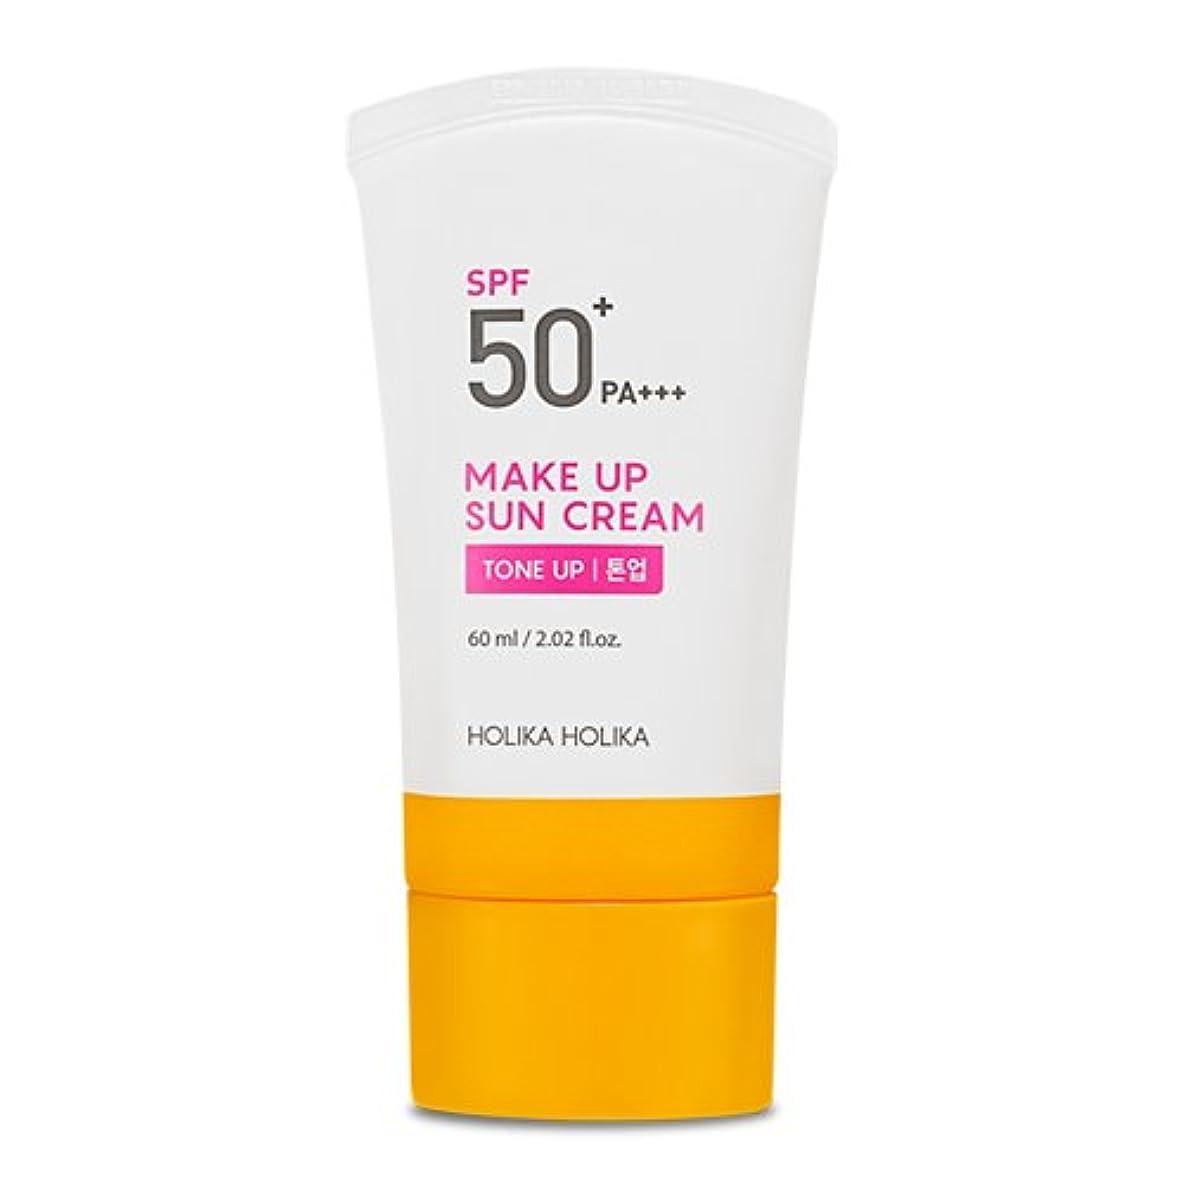 興奮する苦悩ファンド[2018]ホリカホリカ メイクアップ 日焼け止めクリーム/UVケア?Holika Holika Make Up Sun Cream SPF50+ PA+++ 60ml [並行輸入品]